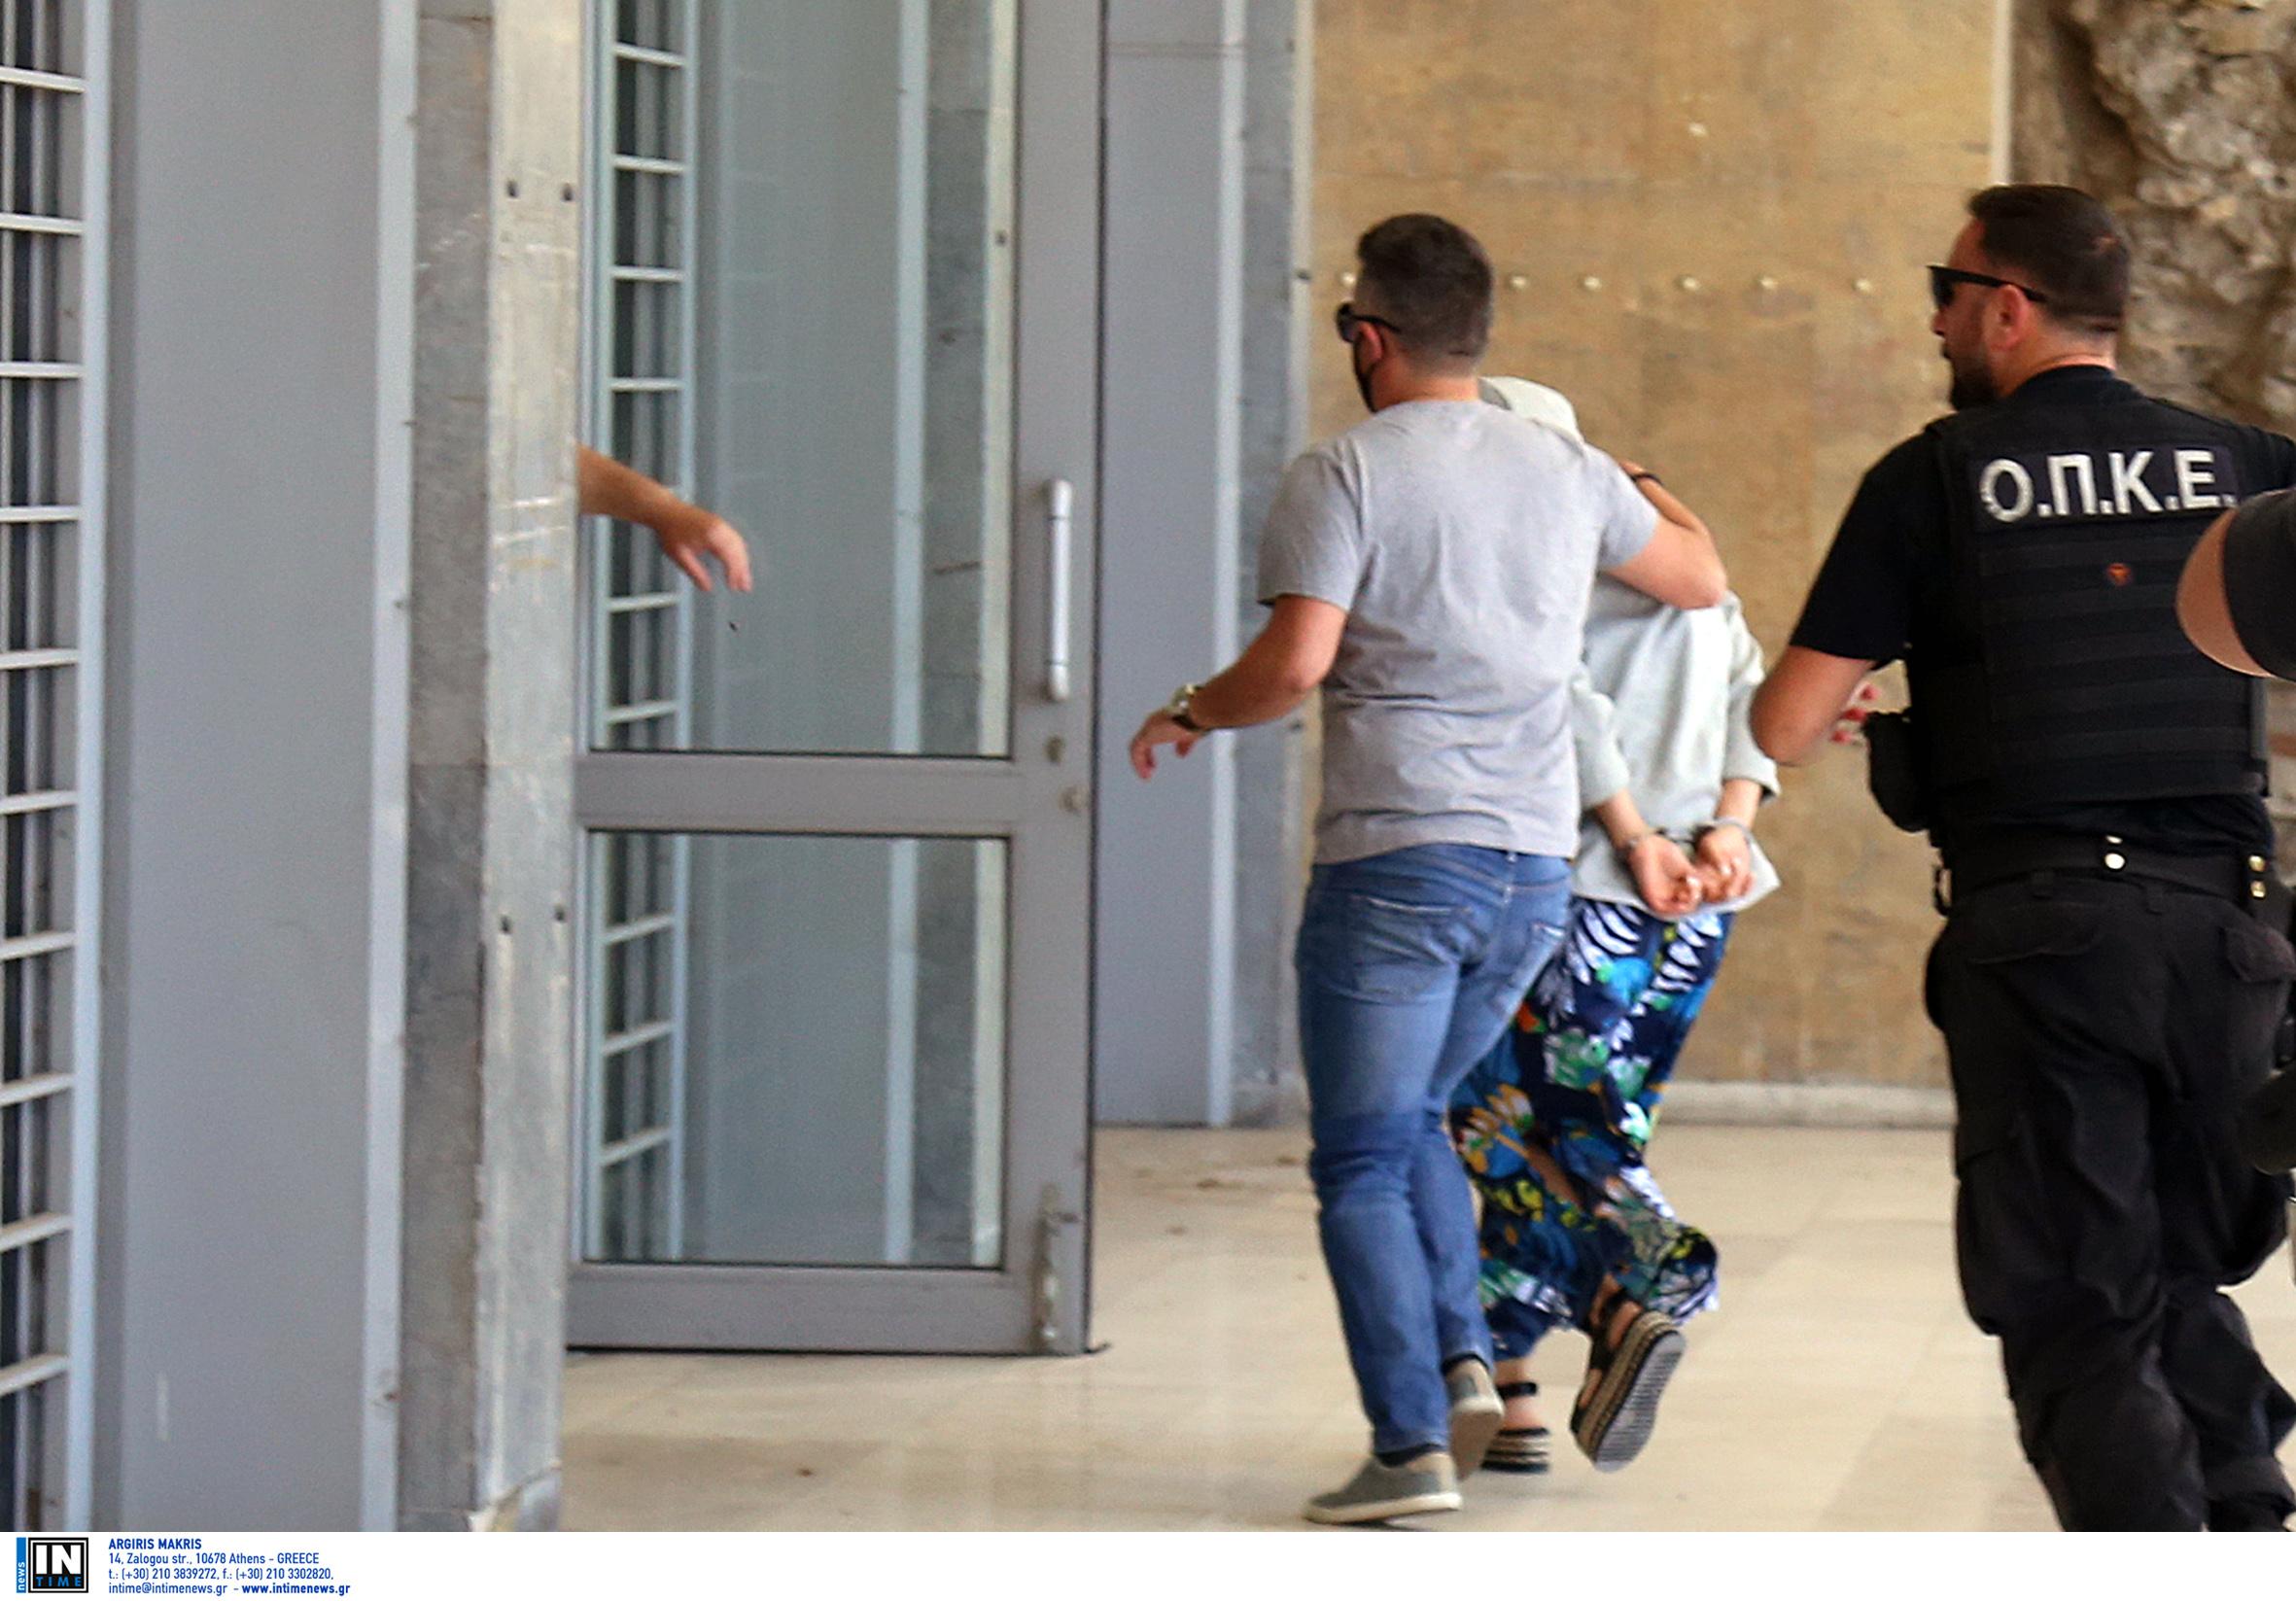 Απαγωγή Μαρκέλλας: Ο μυστήριος ρόλος του  συγκατηγορούμενου της 34χρονης – «Εξαφανίστηκε» μετά την αρπαγή